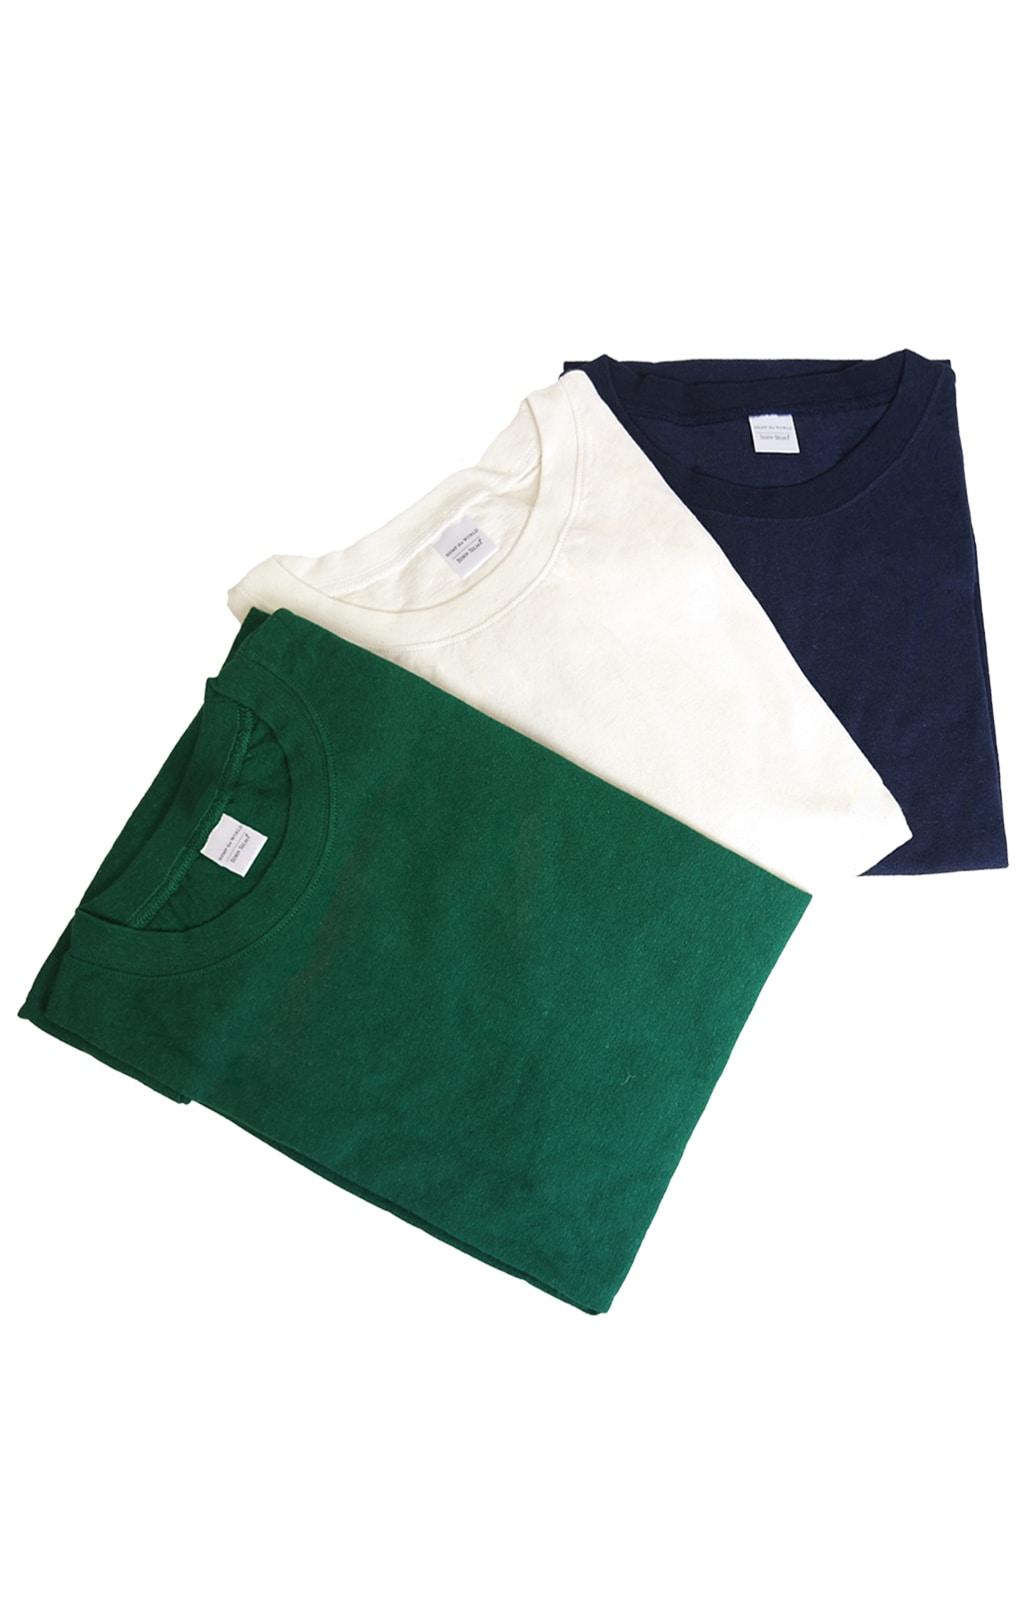 T shirt hemp